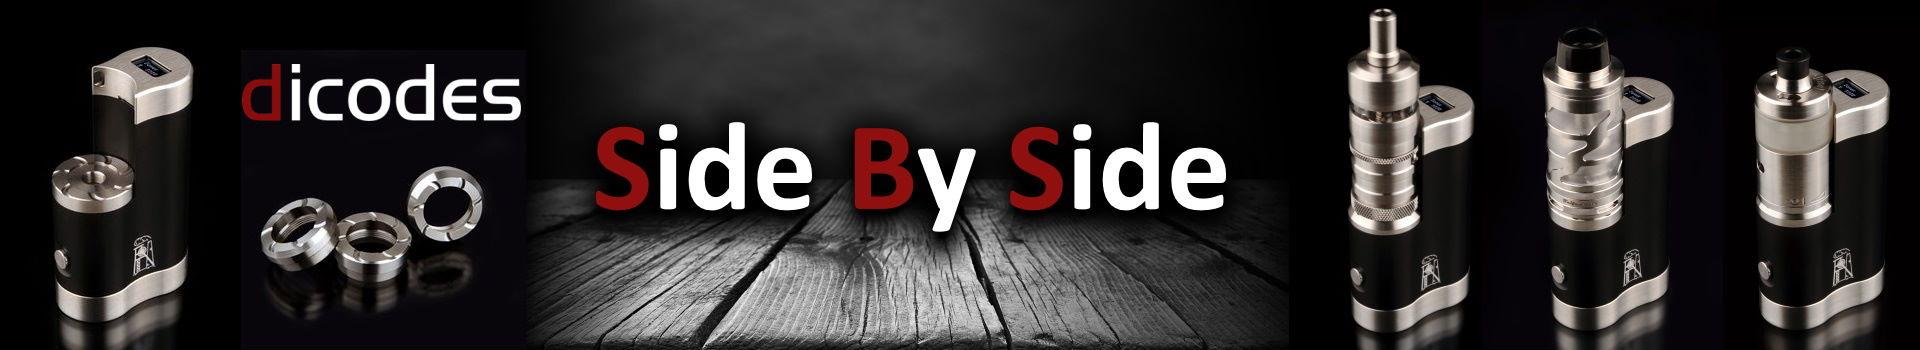 dicodes - Dani SBS Side By Side Mod